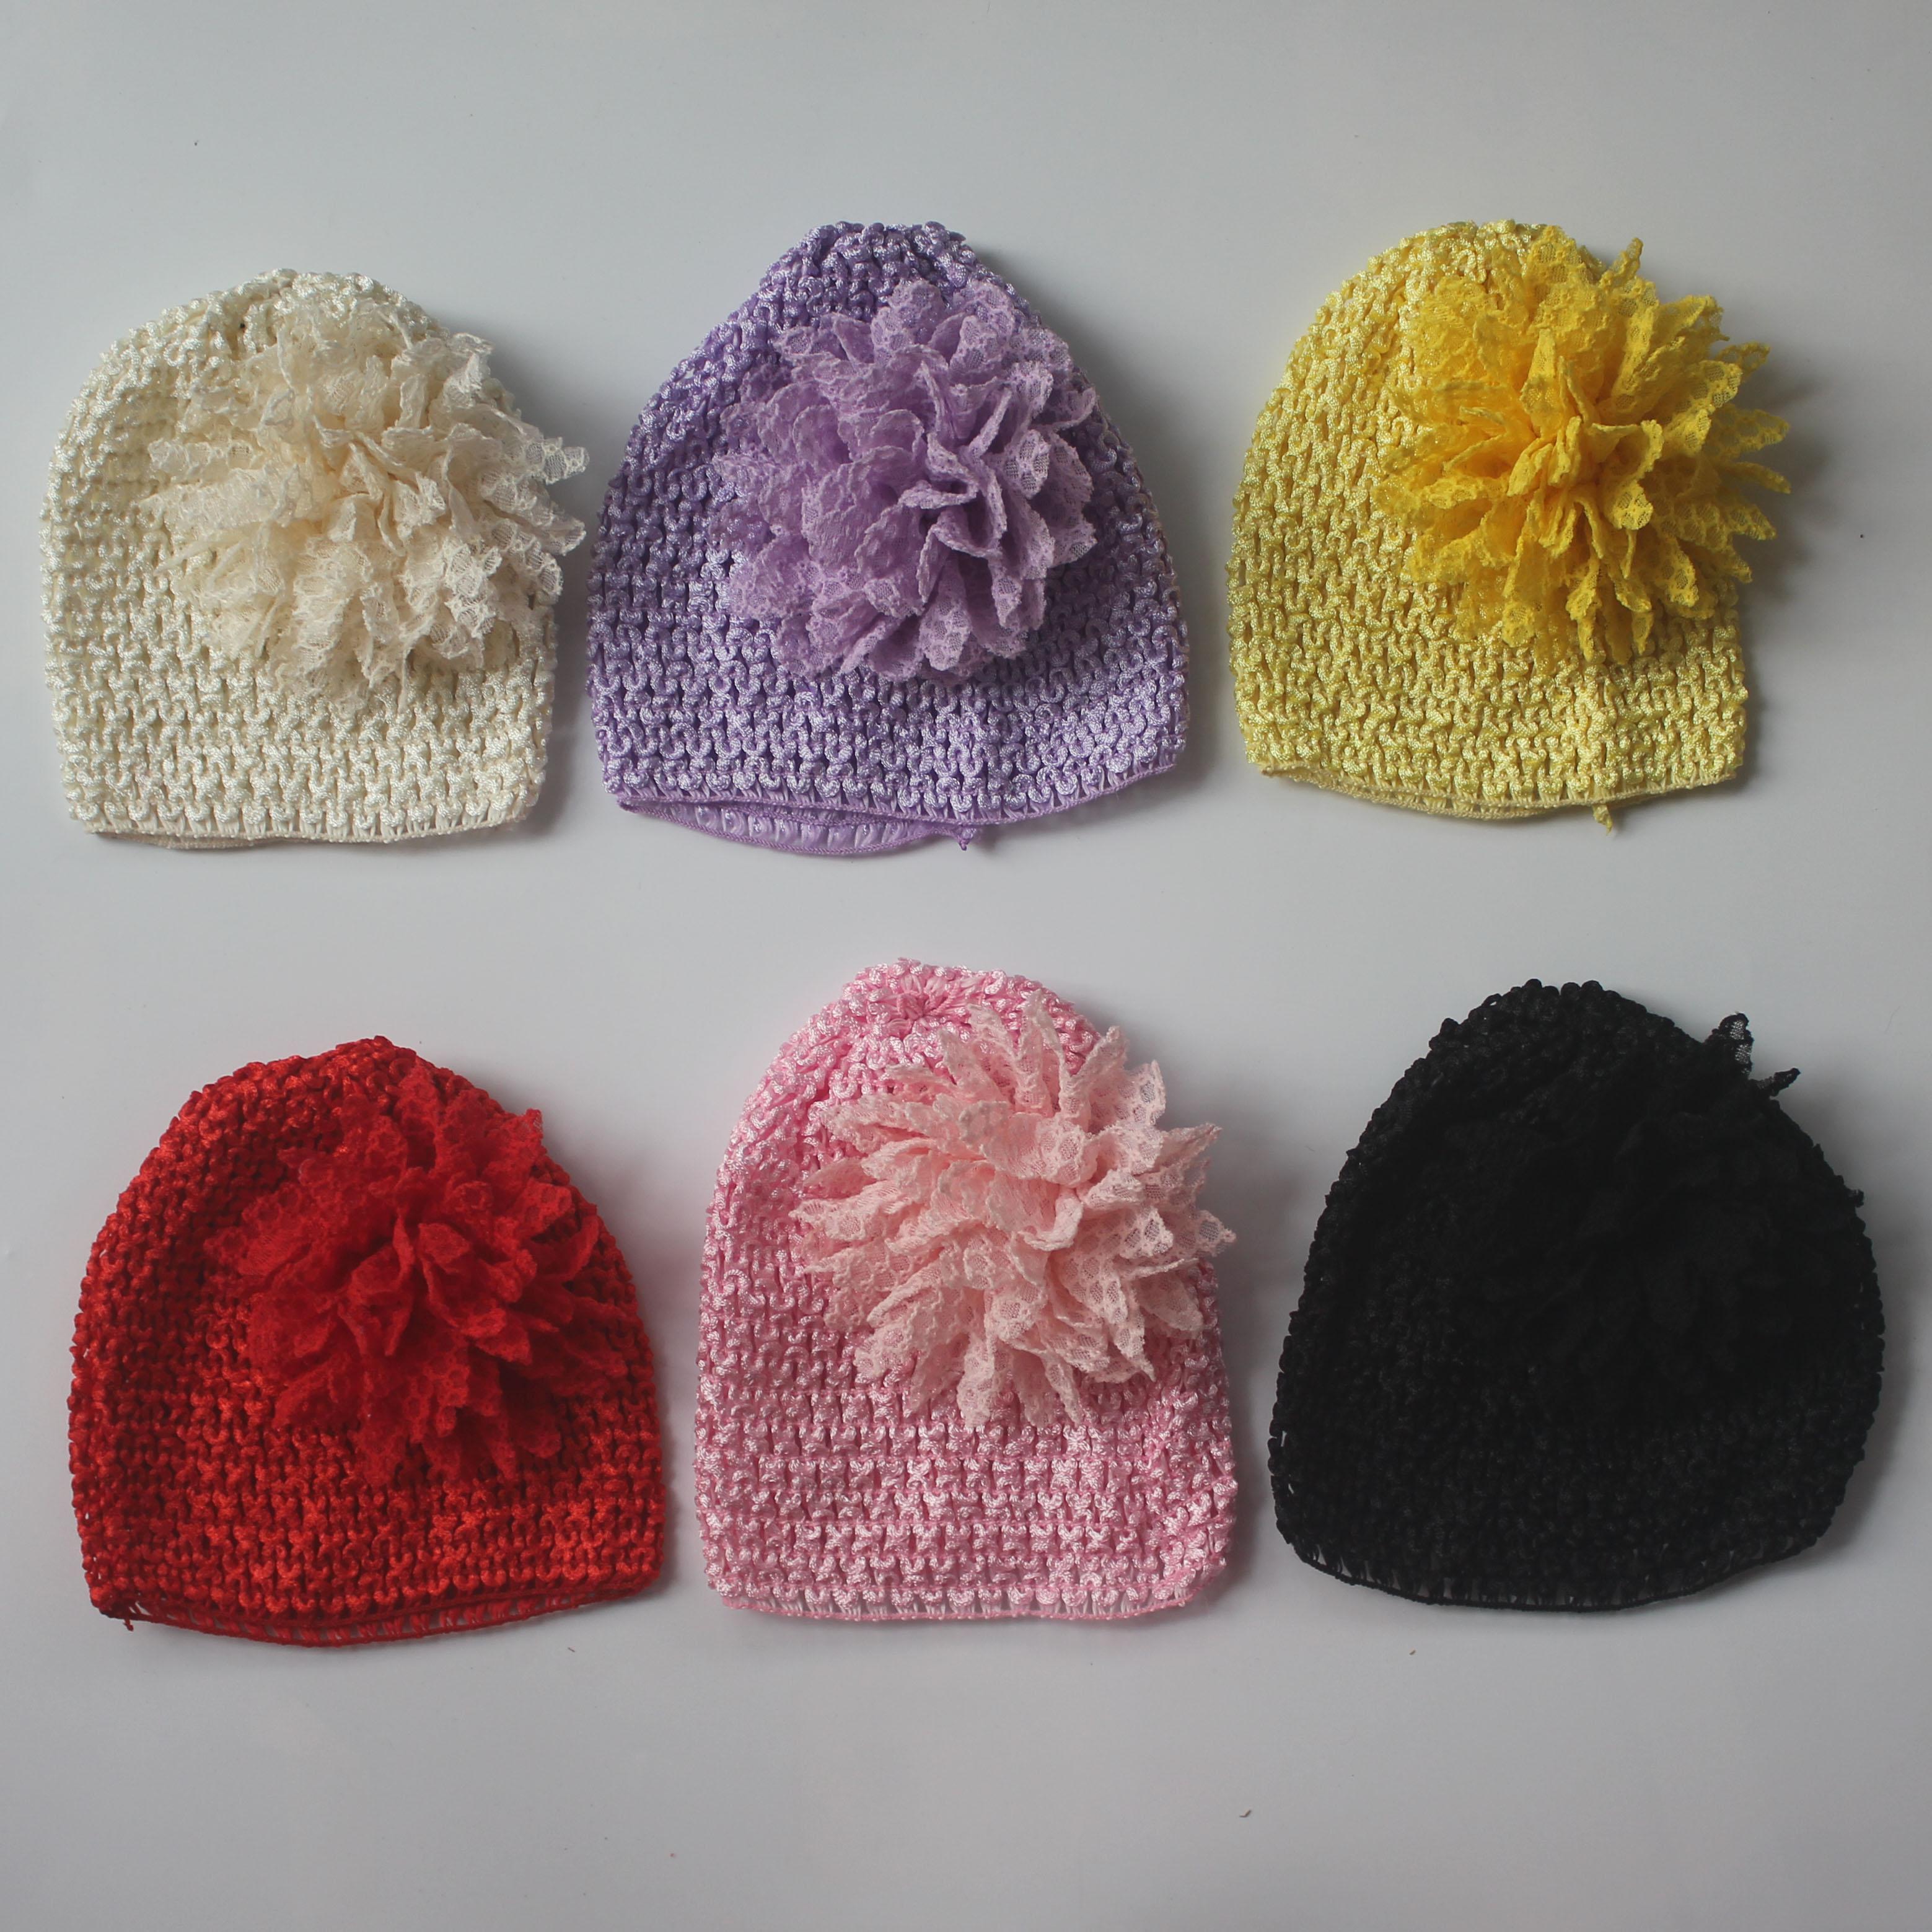 50pcs chapeau crochet élastique tricot avec 10cm fleur de tissu de dentelle à plusieurs couches pour bébés filles Couvre-chef fournitures